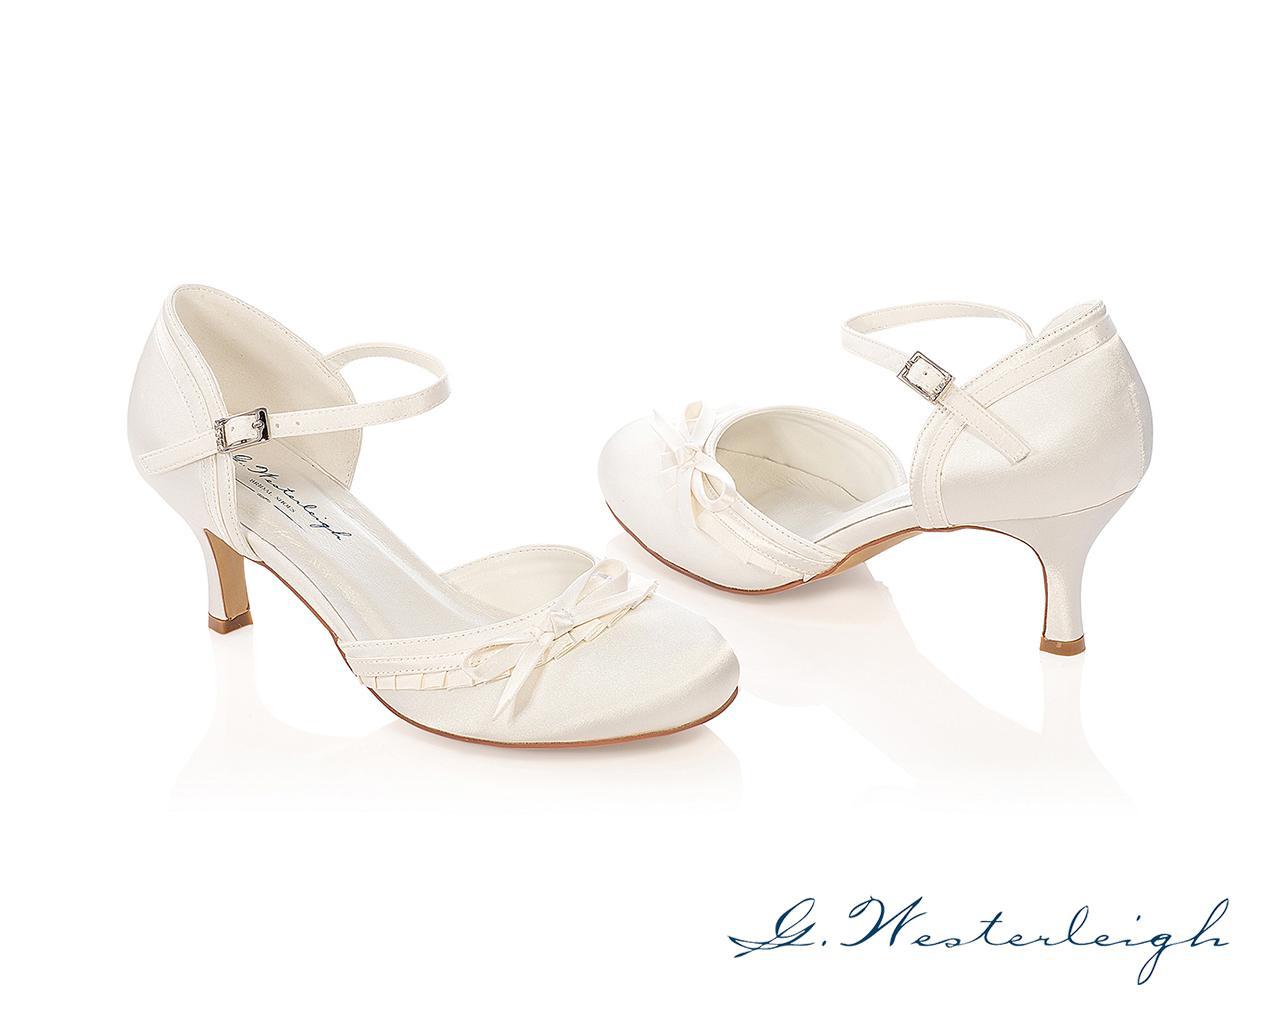 AMELIE - Westerleigh cipő. 24.900 Ft. 6 cm sarok.